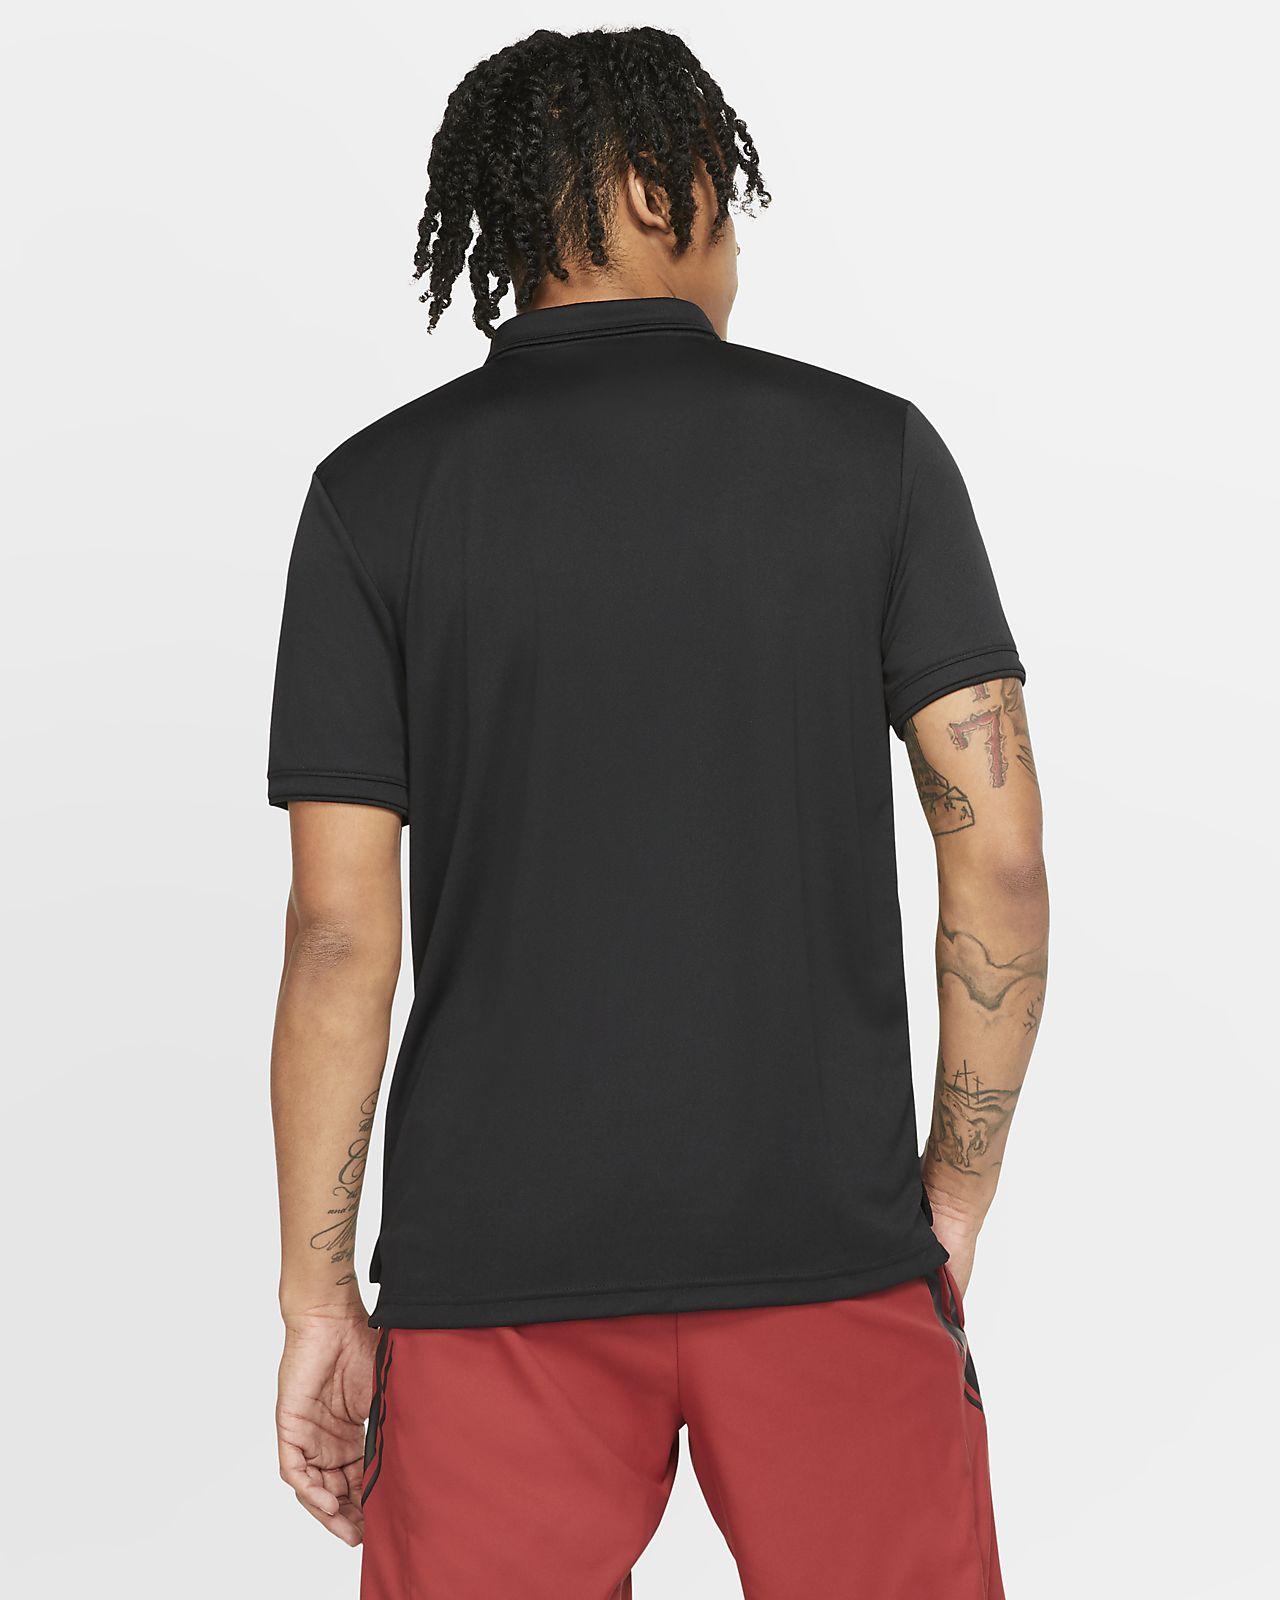 valeur formidable profiter de prix pas cher achat authentique NikeCourt Dri-FIT Men's Tennis Polo